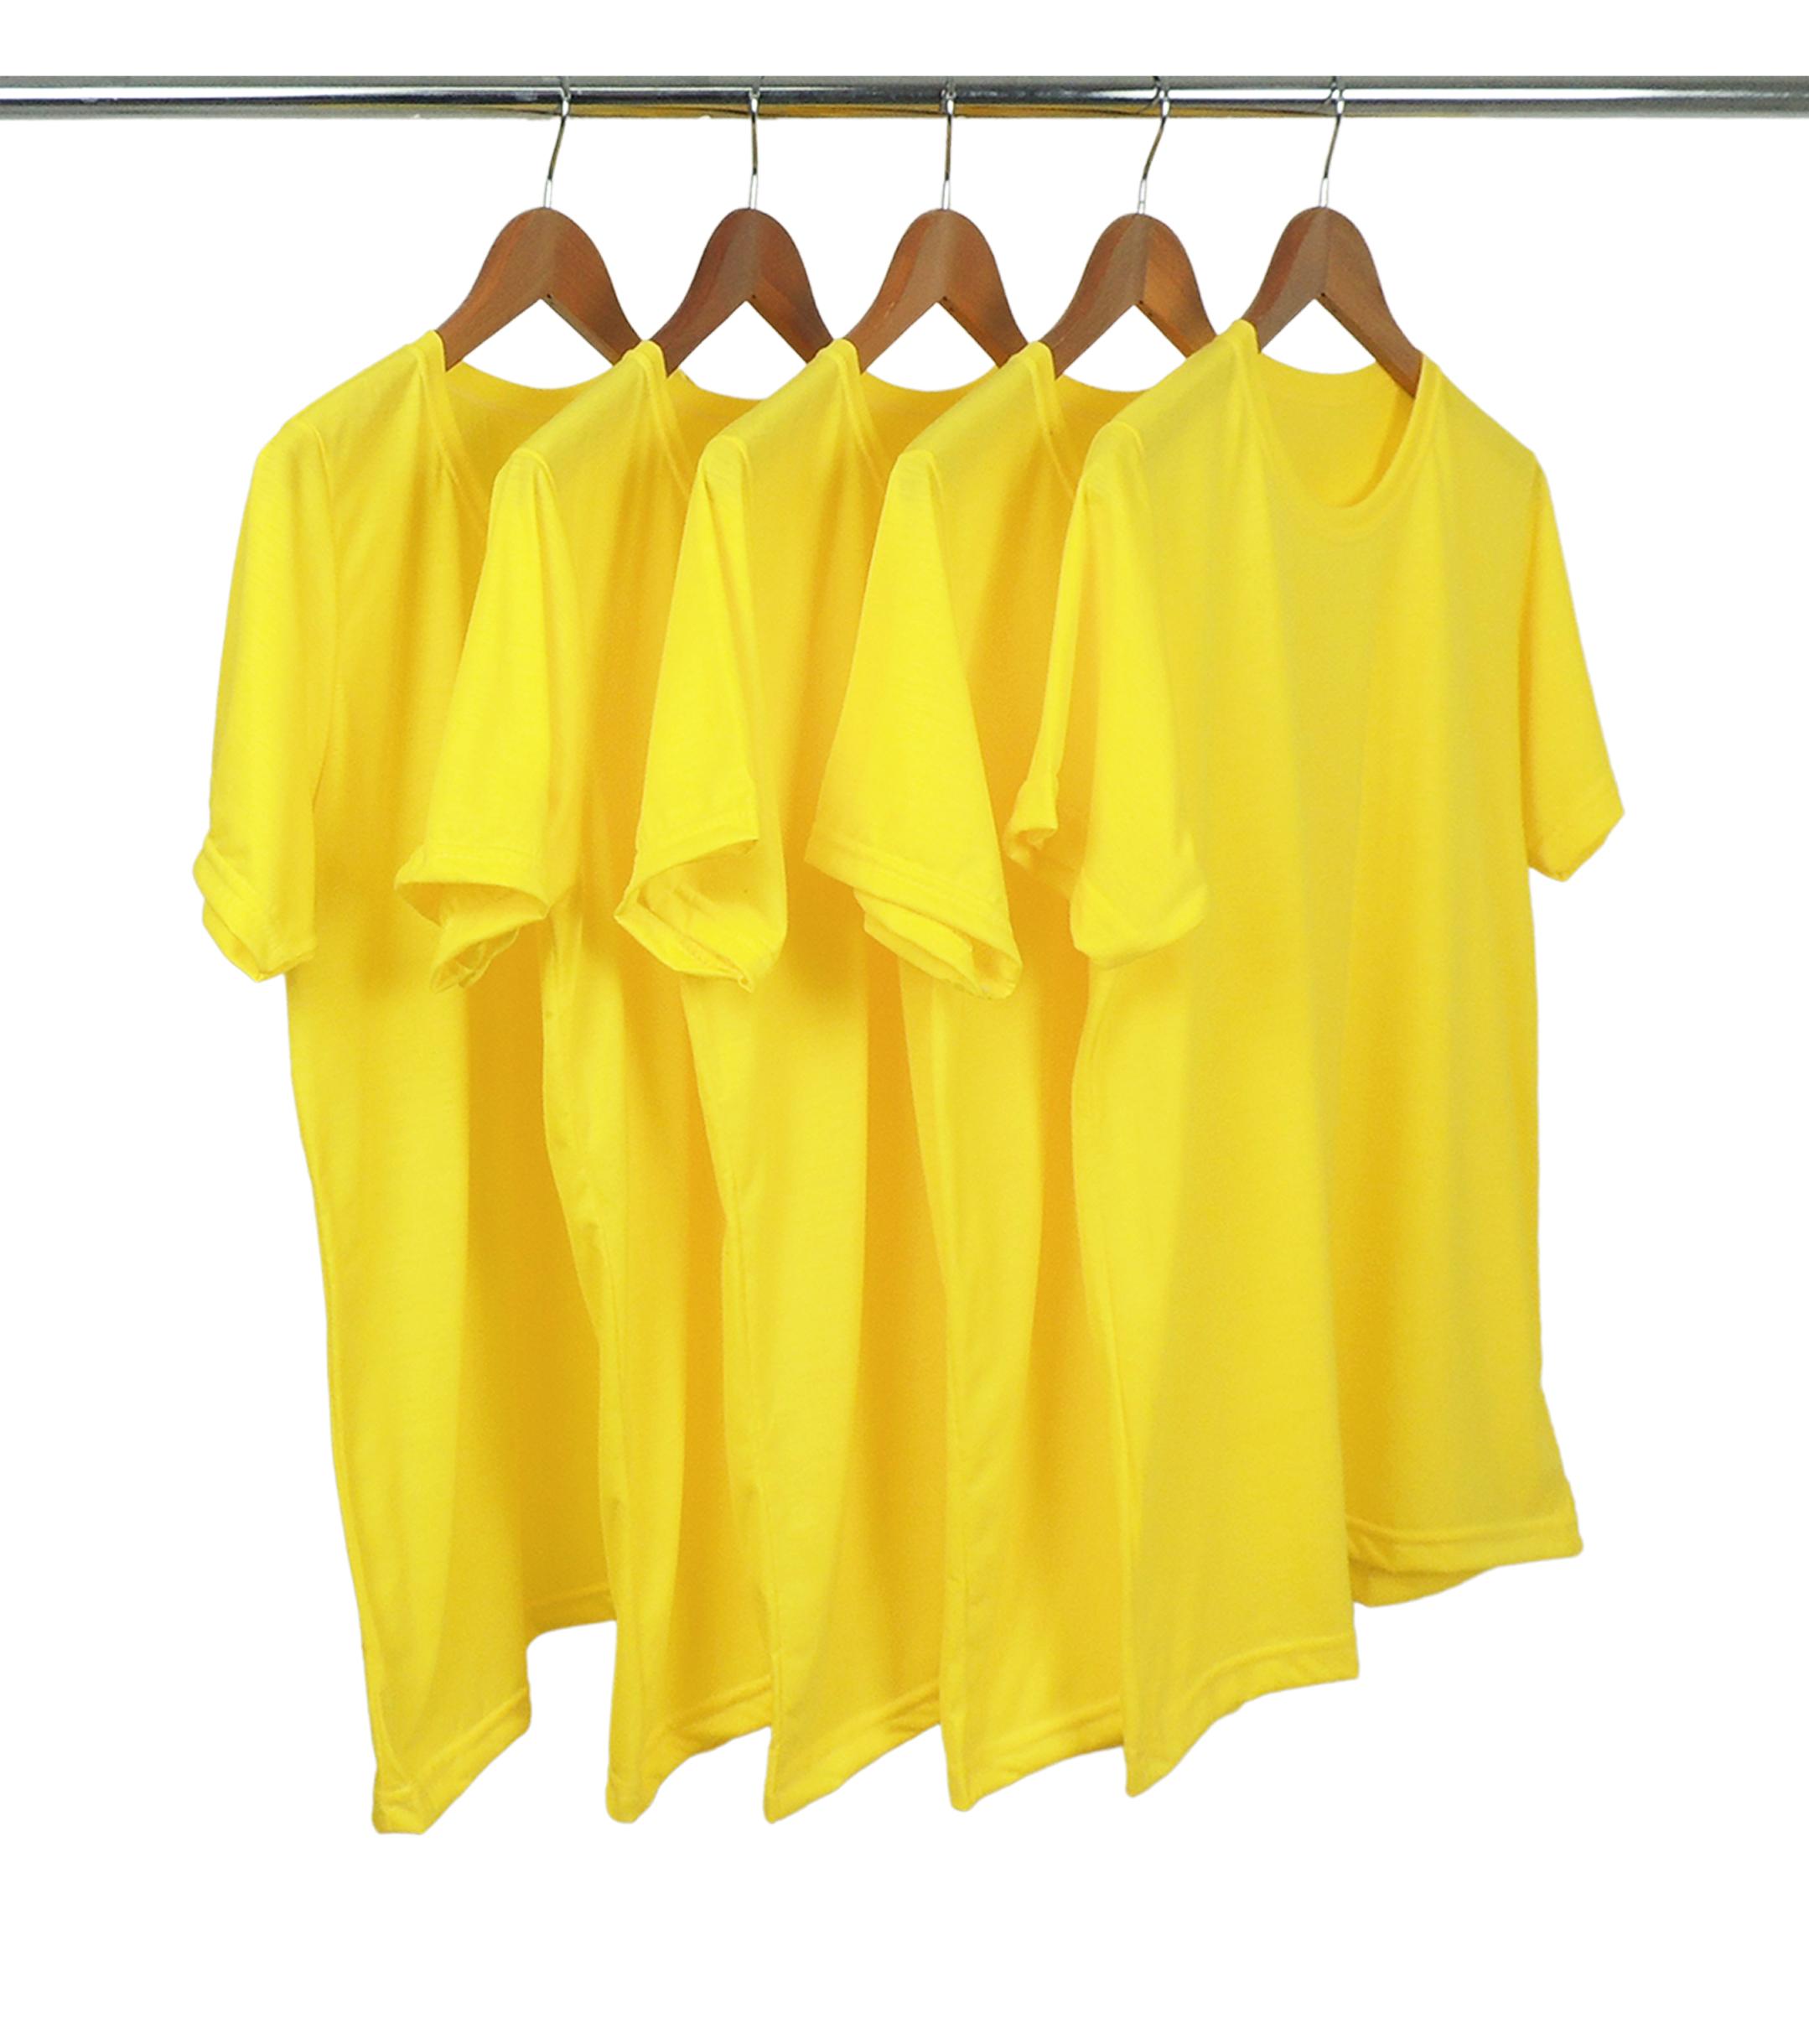 KIT 5 Camisetas de Poliéster/Sublimática Amarelo Canário